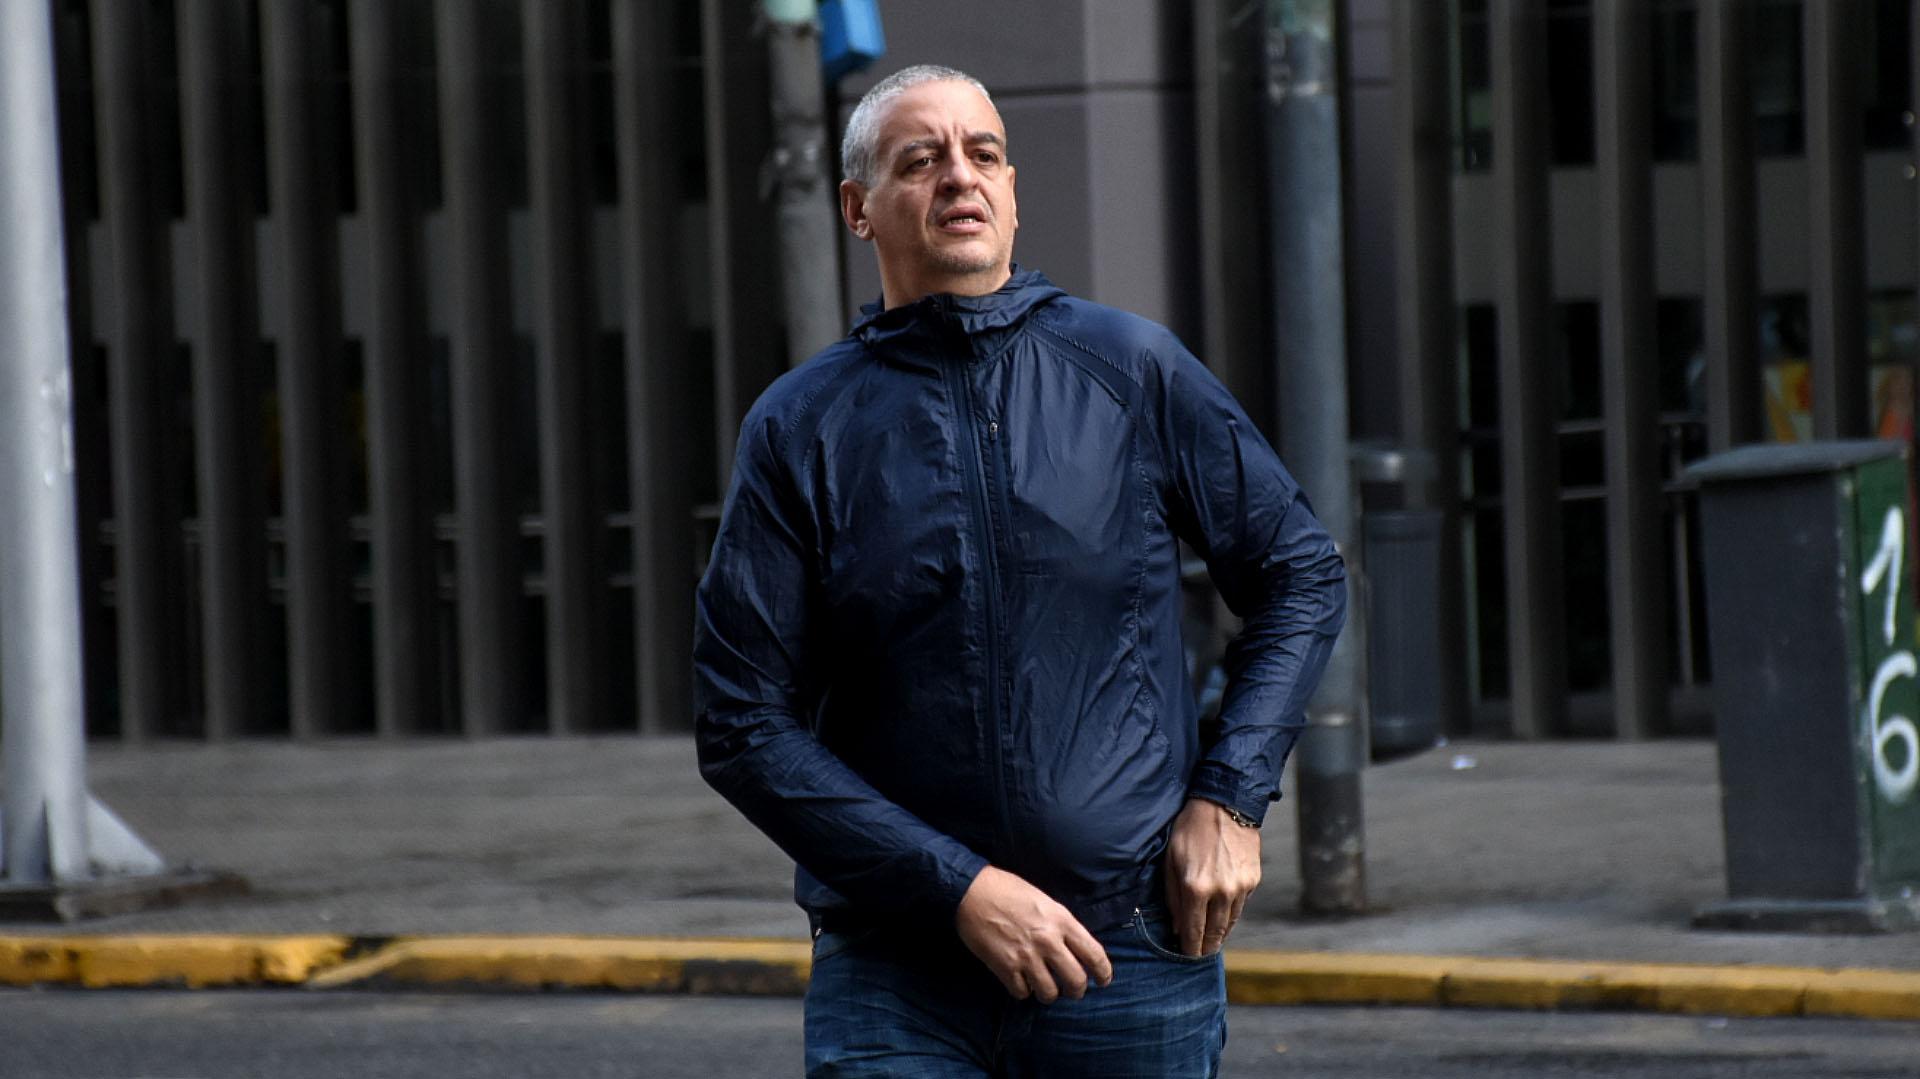 El diputado nacional Horacio Pietragalla, ex secretario de Derechos Humanos de la provincia de Santa Cruz